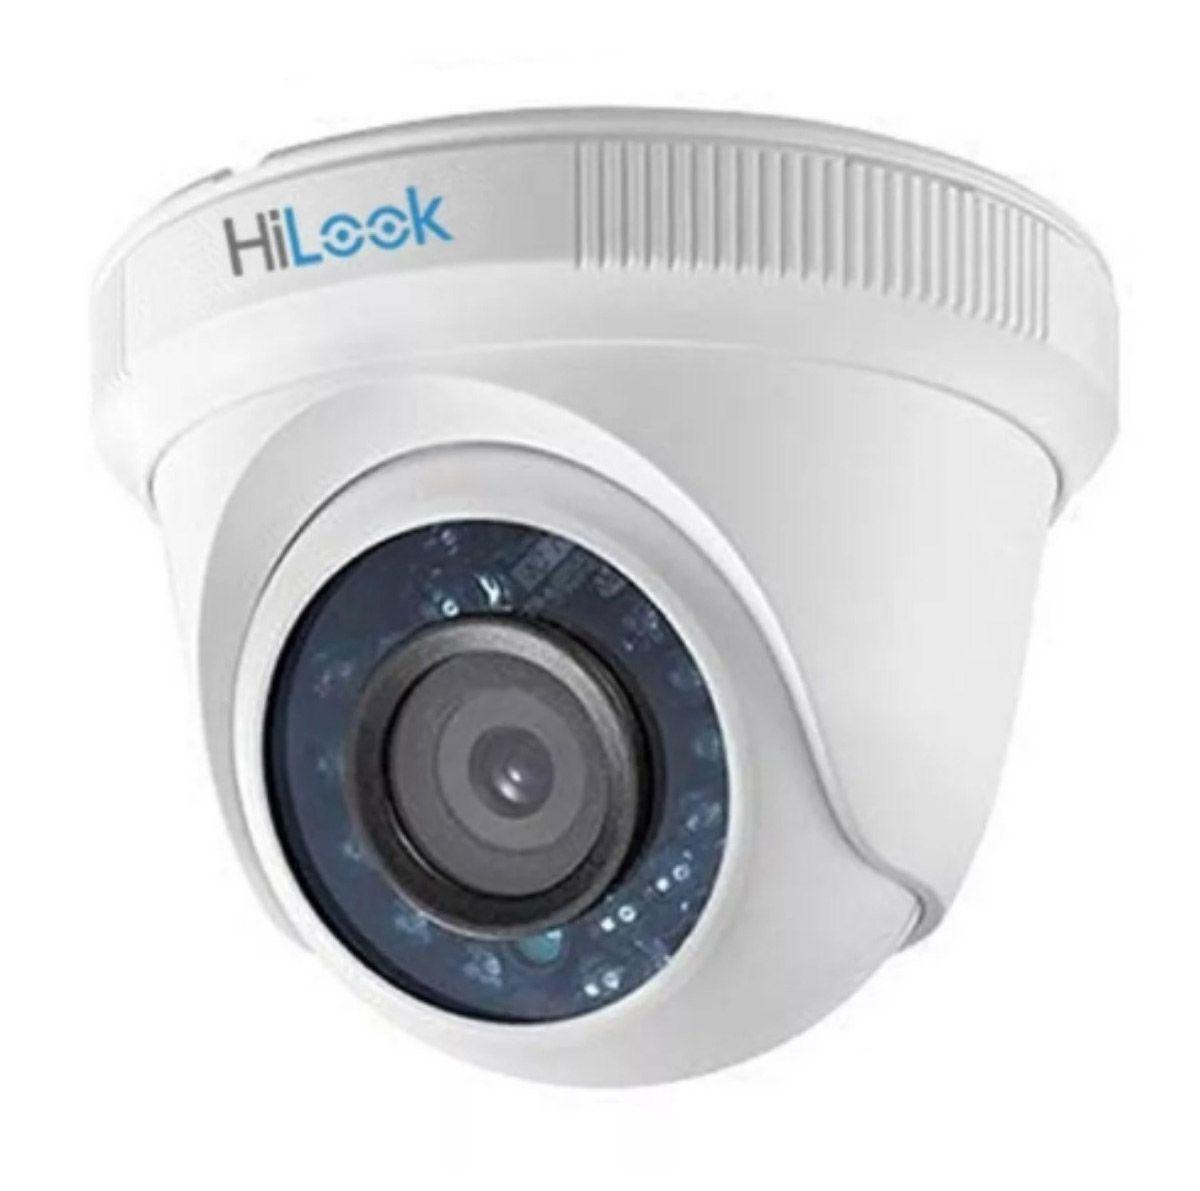 Câmera Segurança Hilook Dome Infravermelho 20 metros AHD 1.0 Megapixel 720p  - Tudoseg Cftv - Sistemas de Segurança Eletrônica